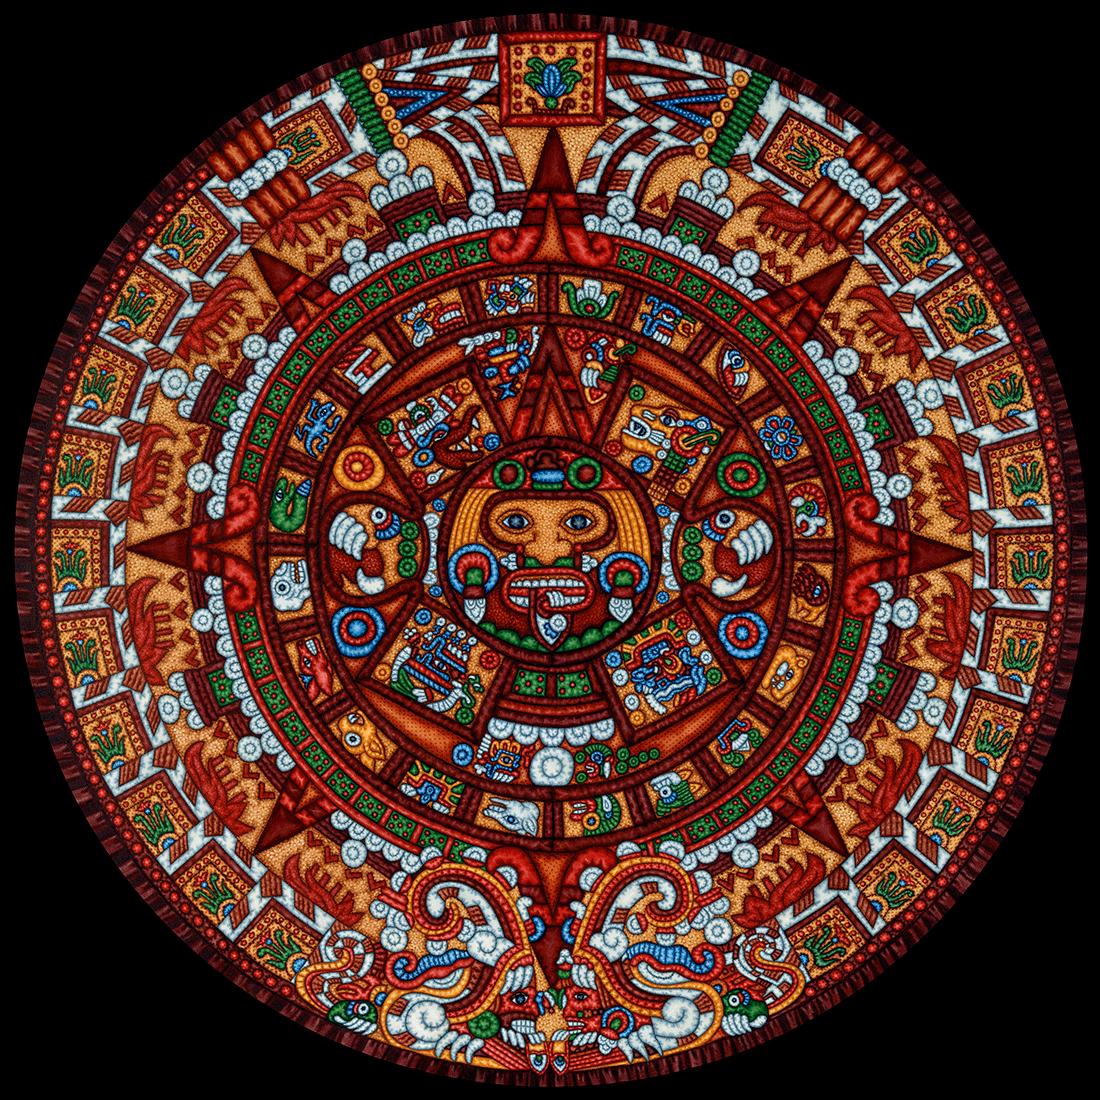 Aztec Calendar Base Image Con Imagenes